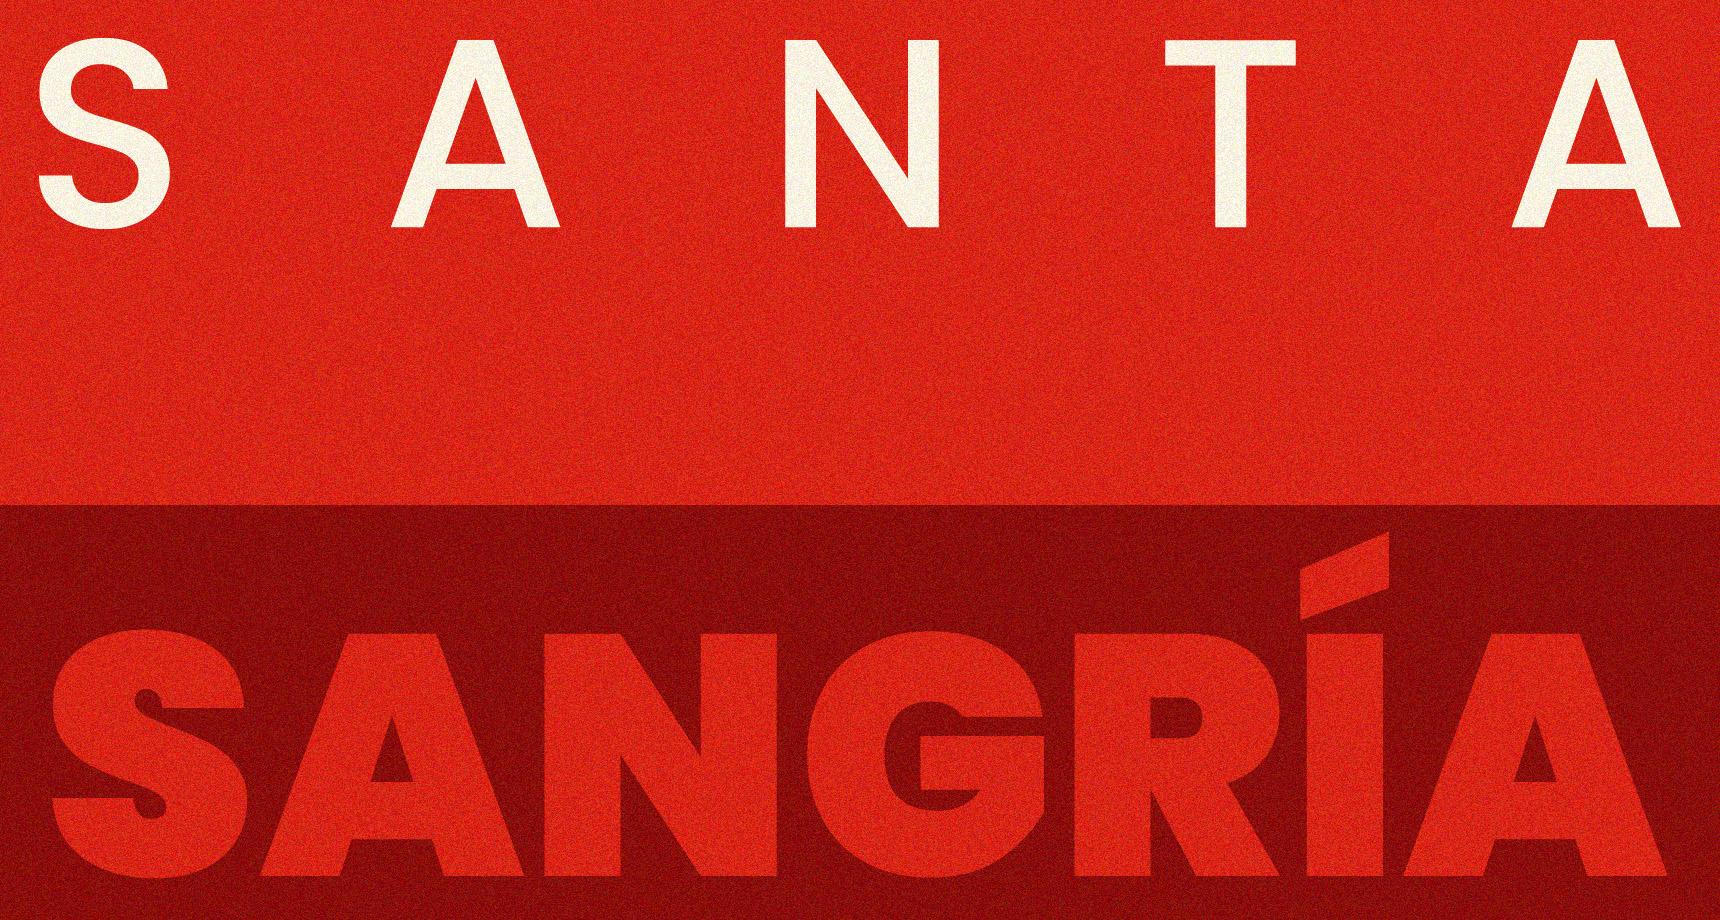 Court-métrage Santa Sangria : création d'un générique de fin